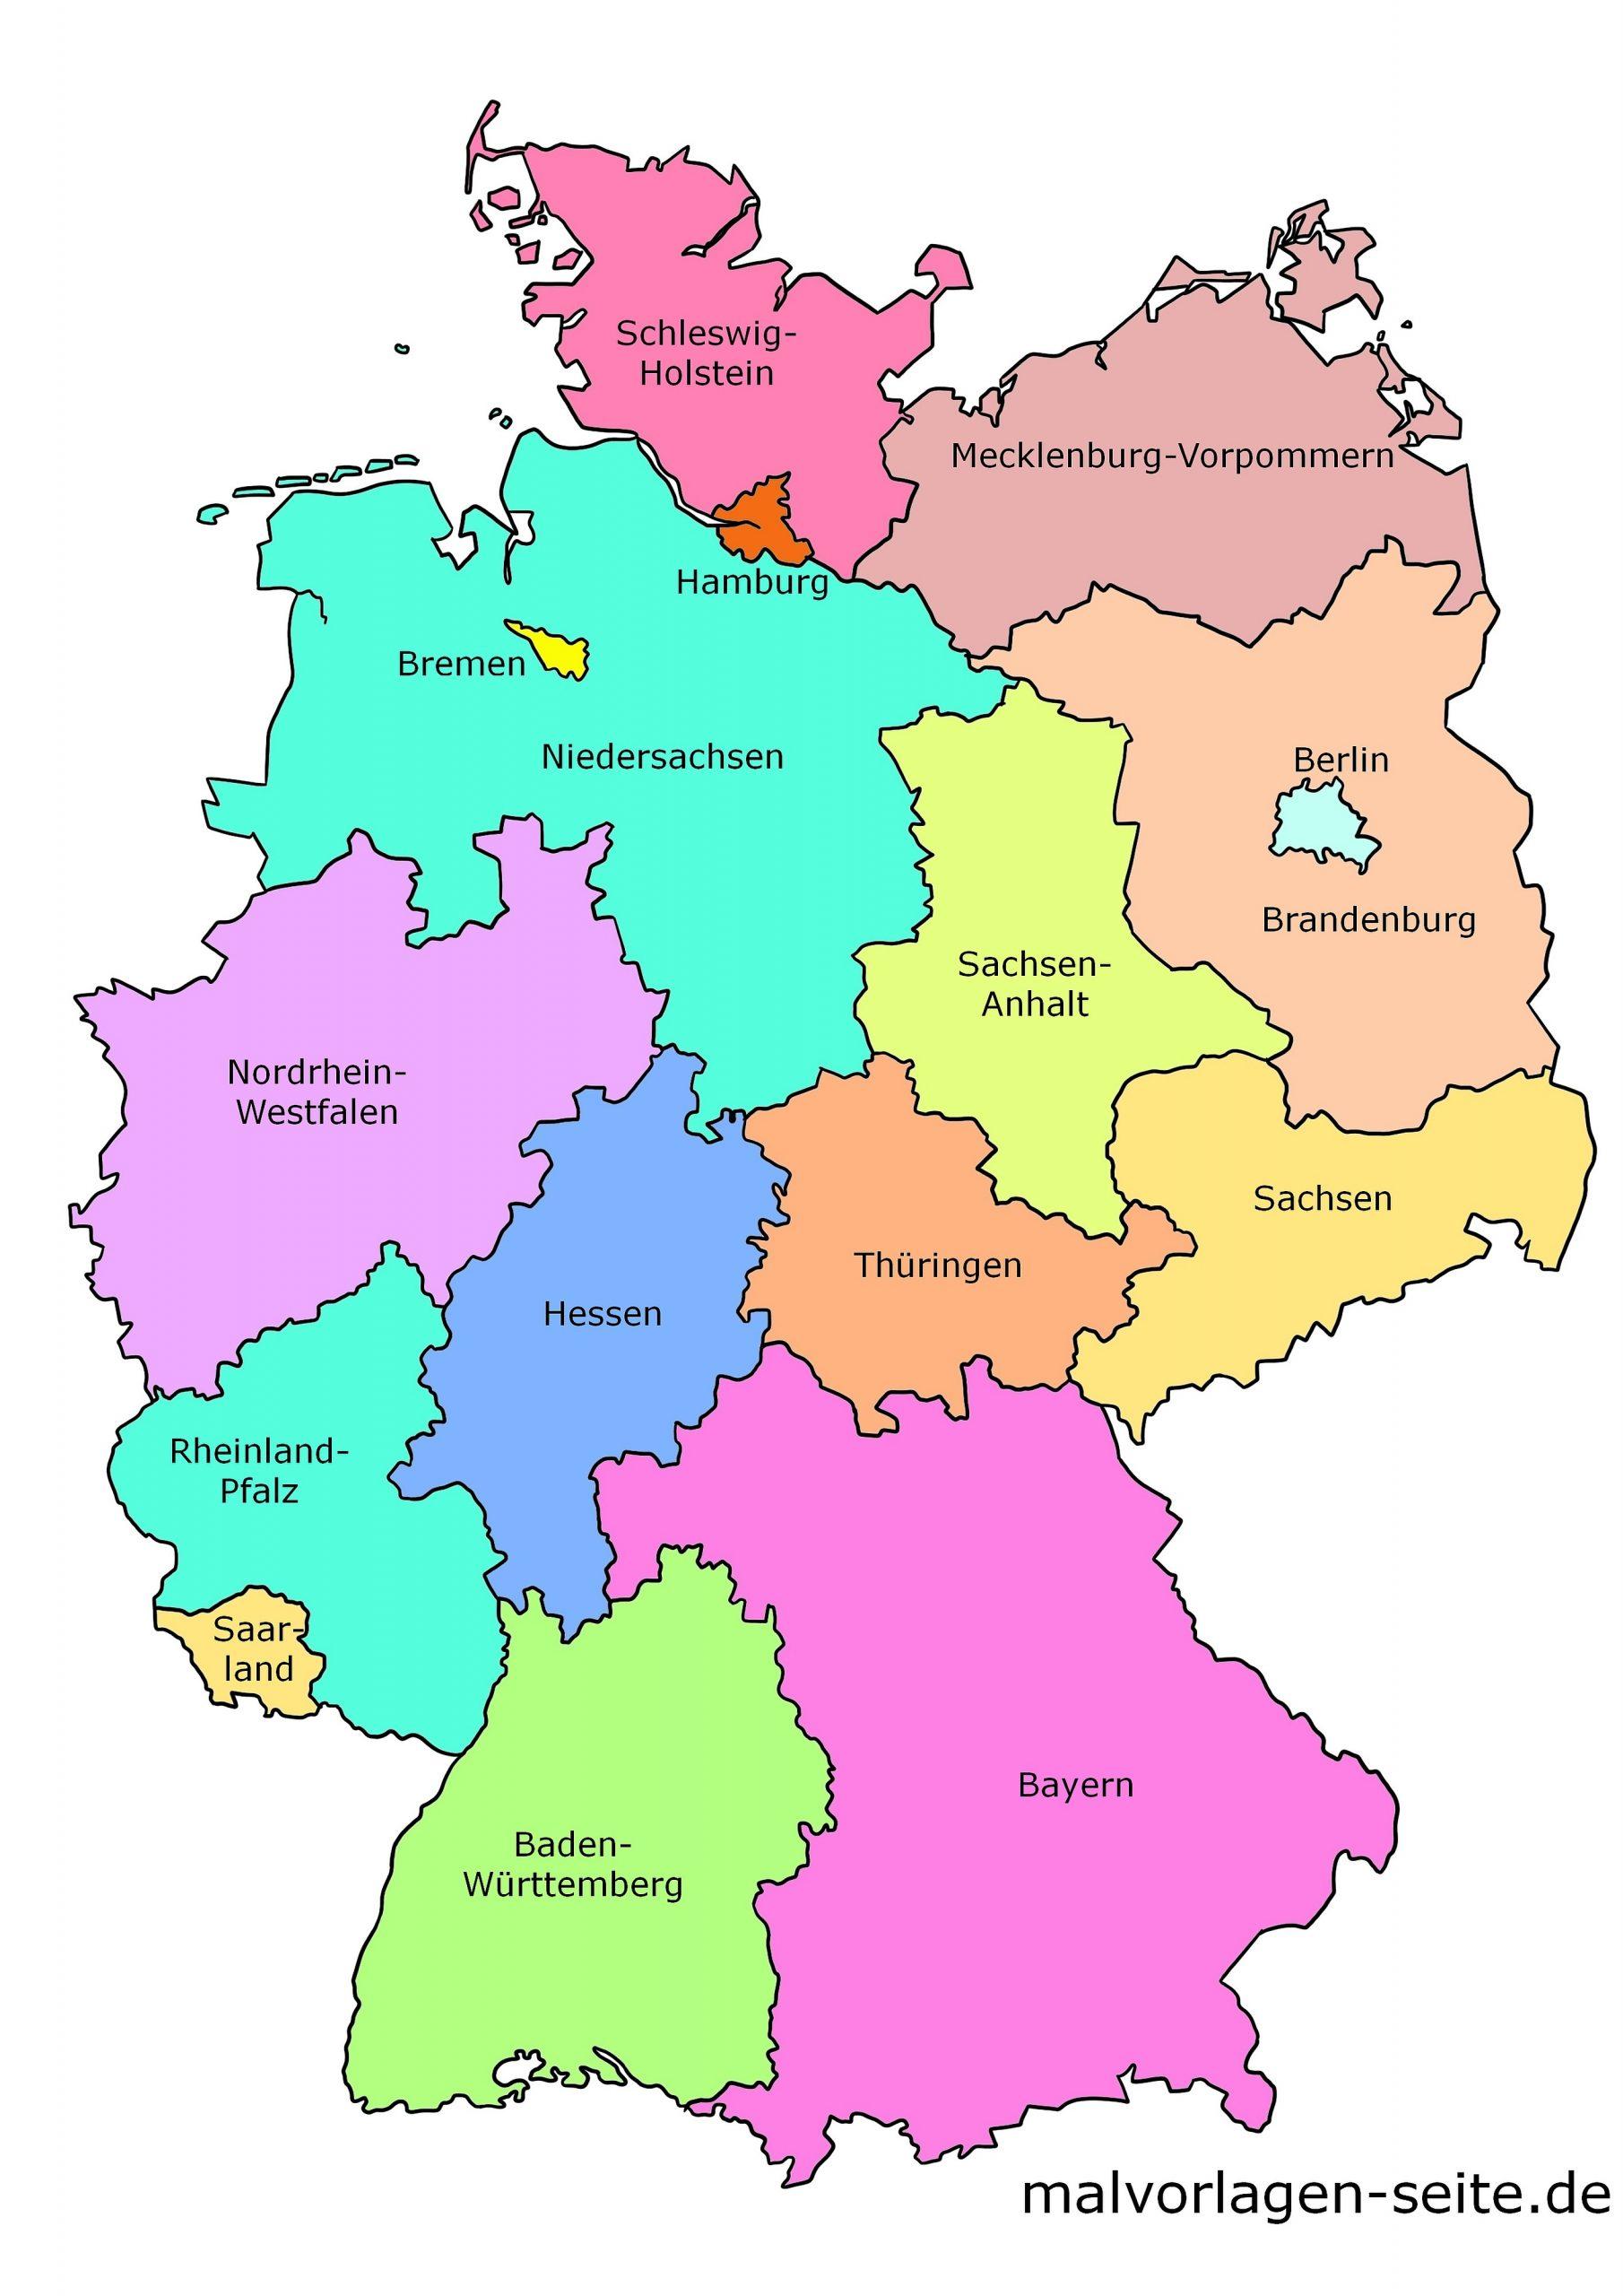 Deutschland Landkarte Der Bundesländer - Politsche Karte in Deutschland Karte Bundesländer Hauptstädte